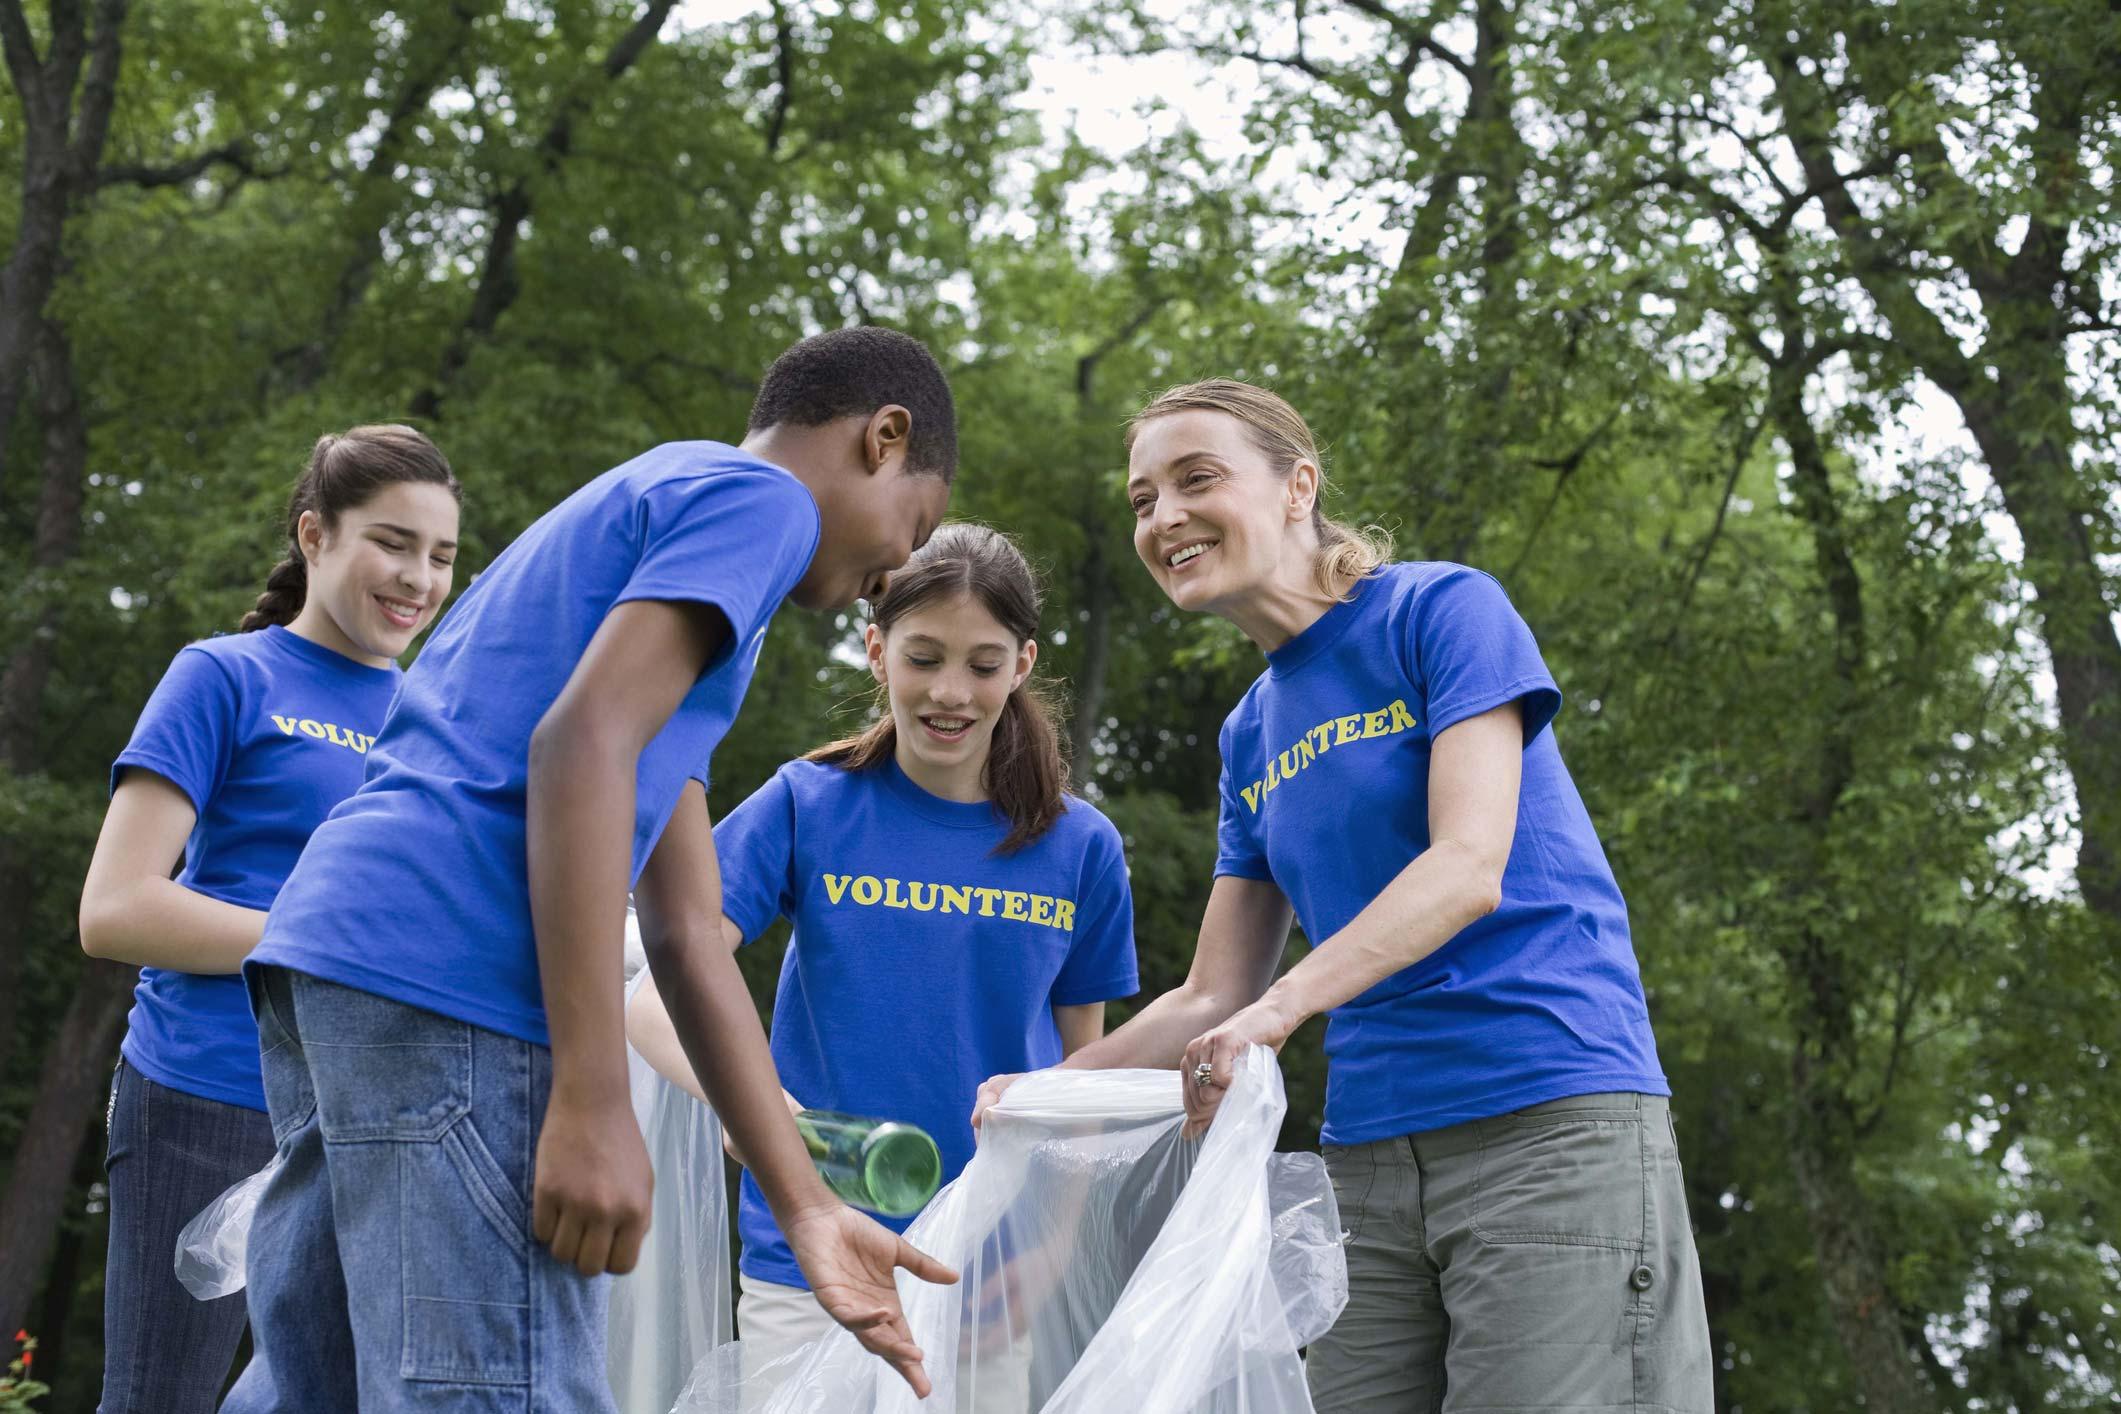 Среднесрочное и долгосрочное добровольчество: lmtv проекты - сфера